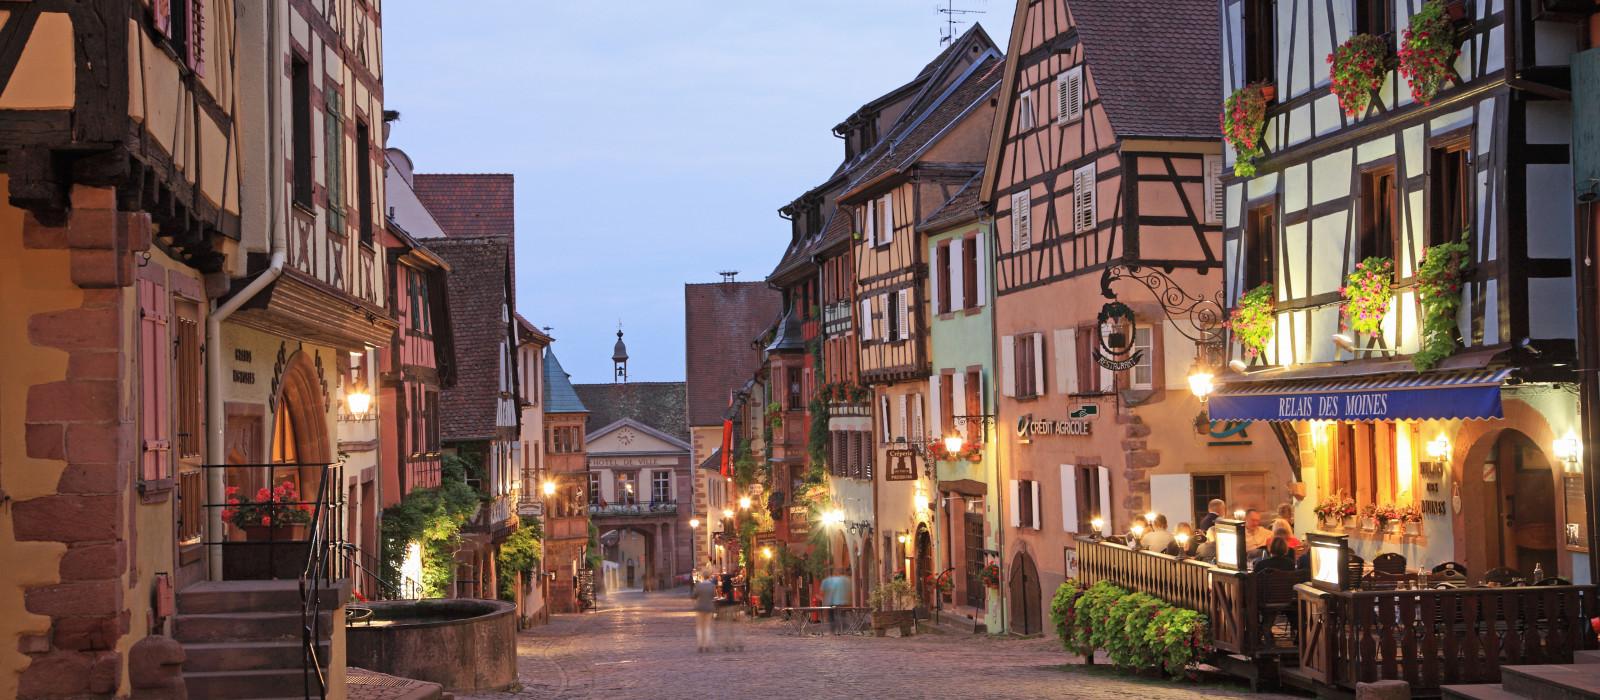 Charmants villages d'Alsace